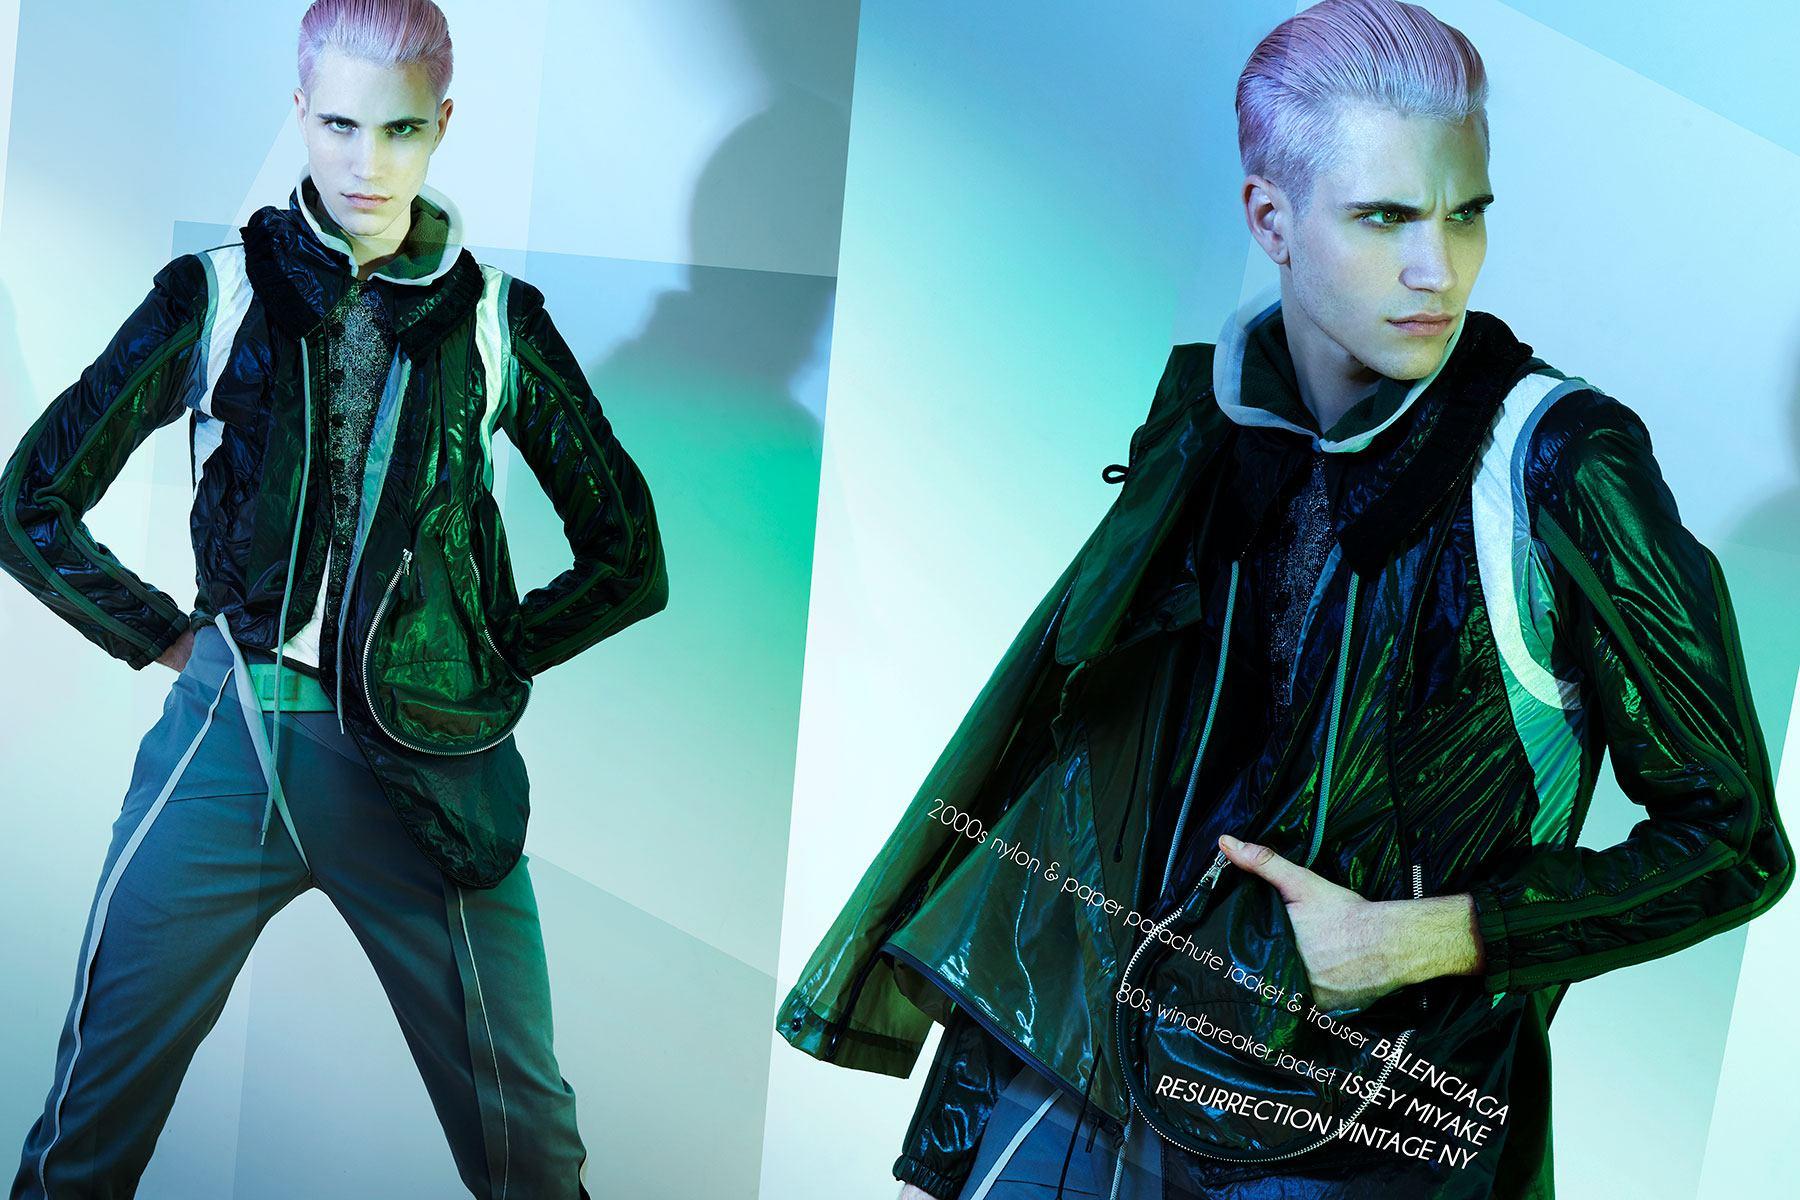 Model Austin Kairis photographed in vintage Balenciaga by Alexander Thompson for Ponyboy magazine.